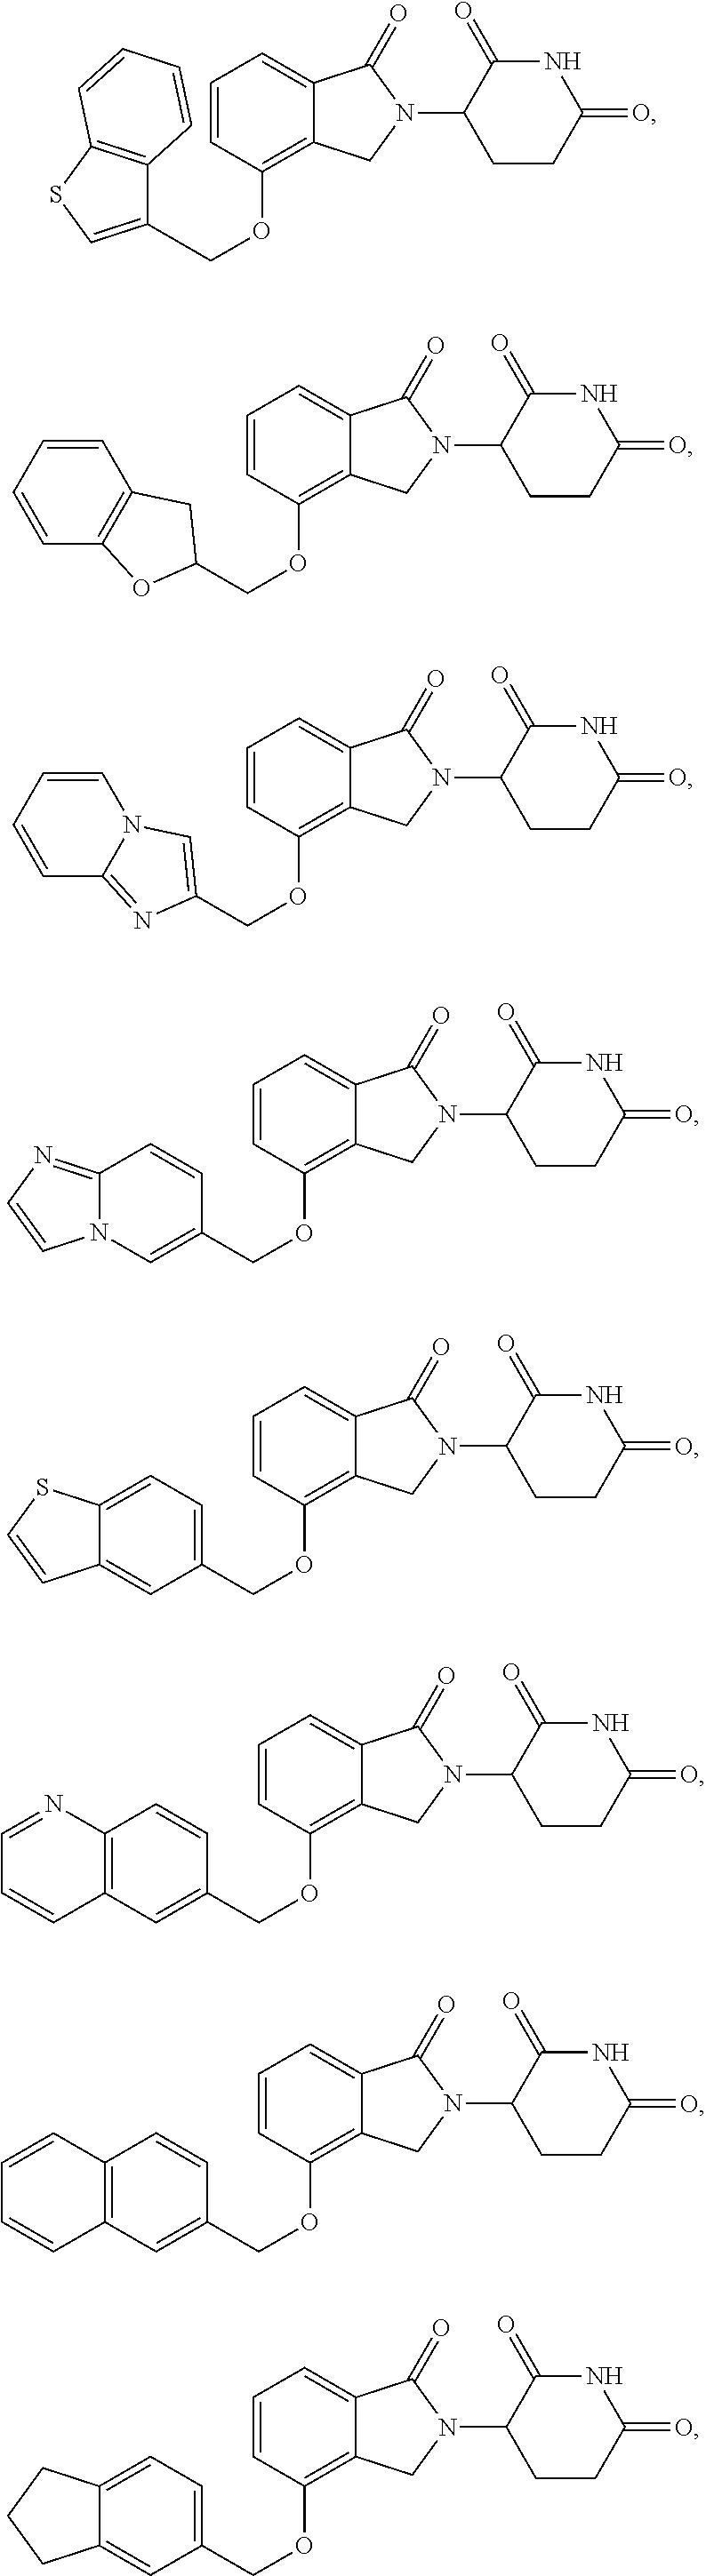 Figure US09587281-20170307-C00067